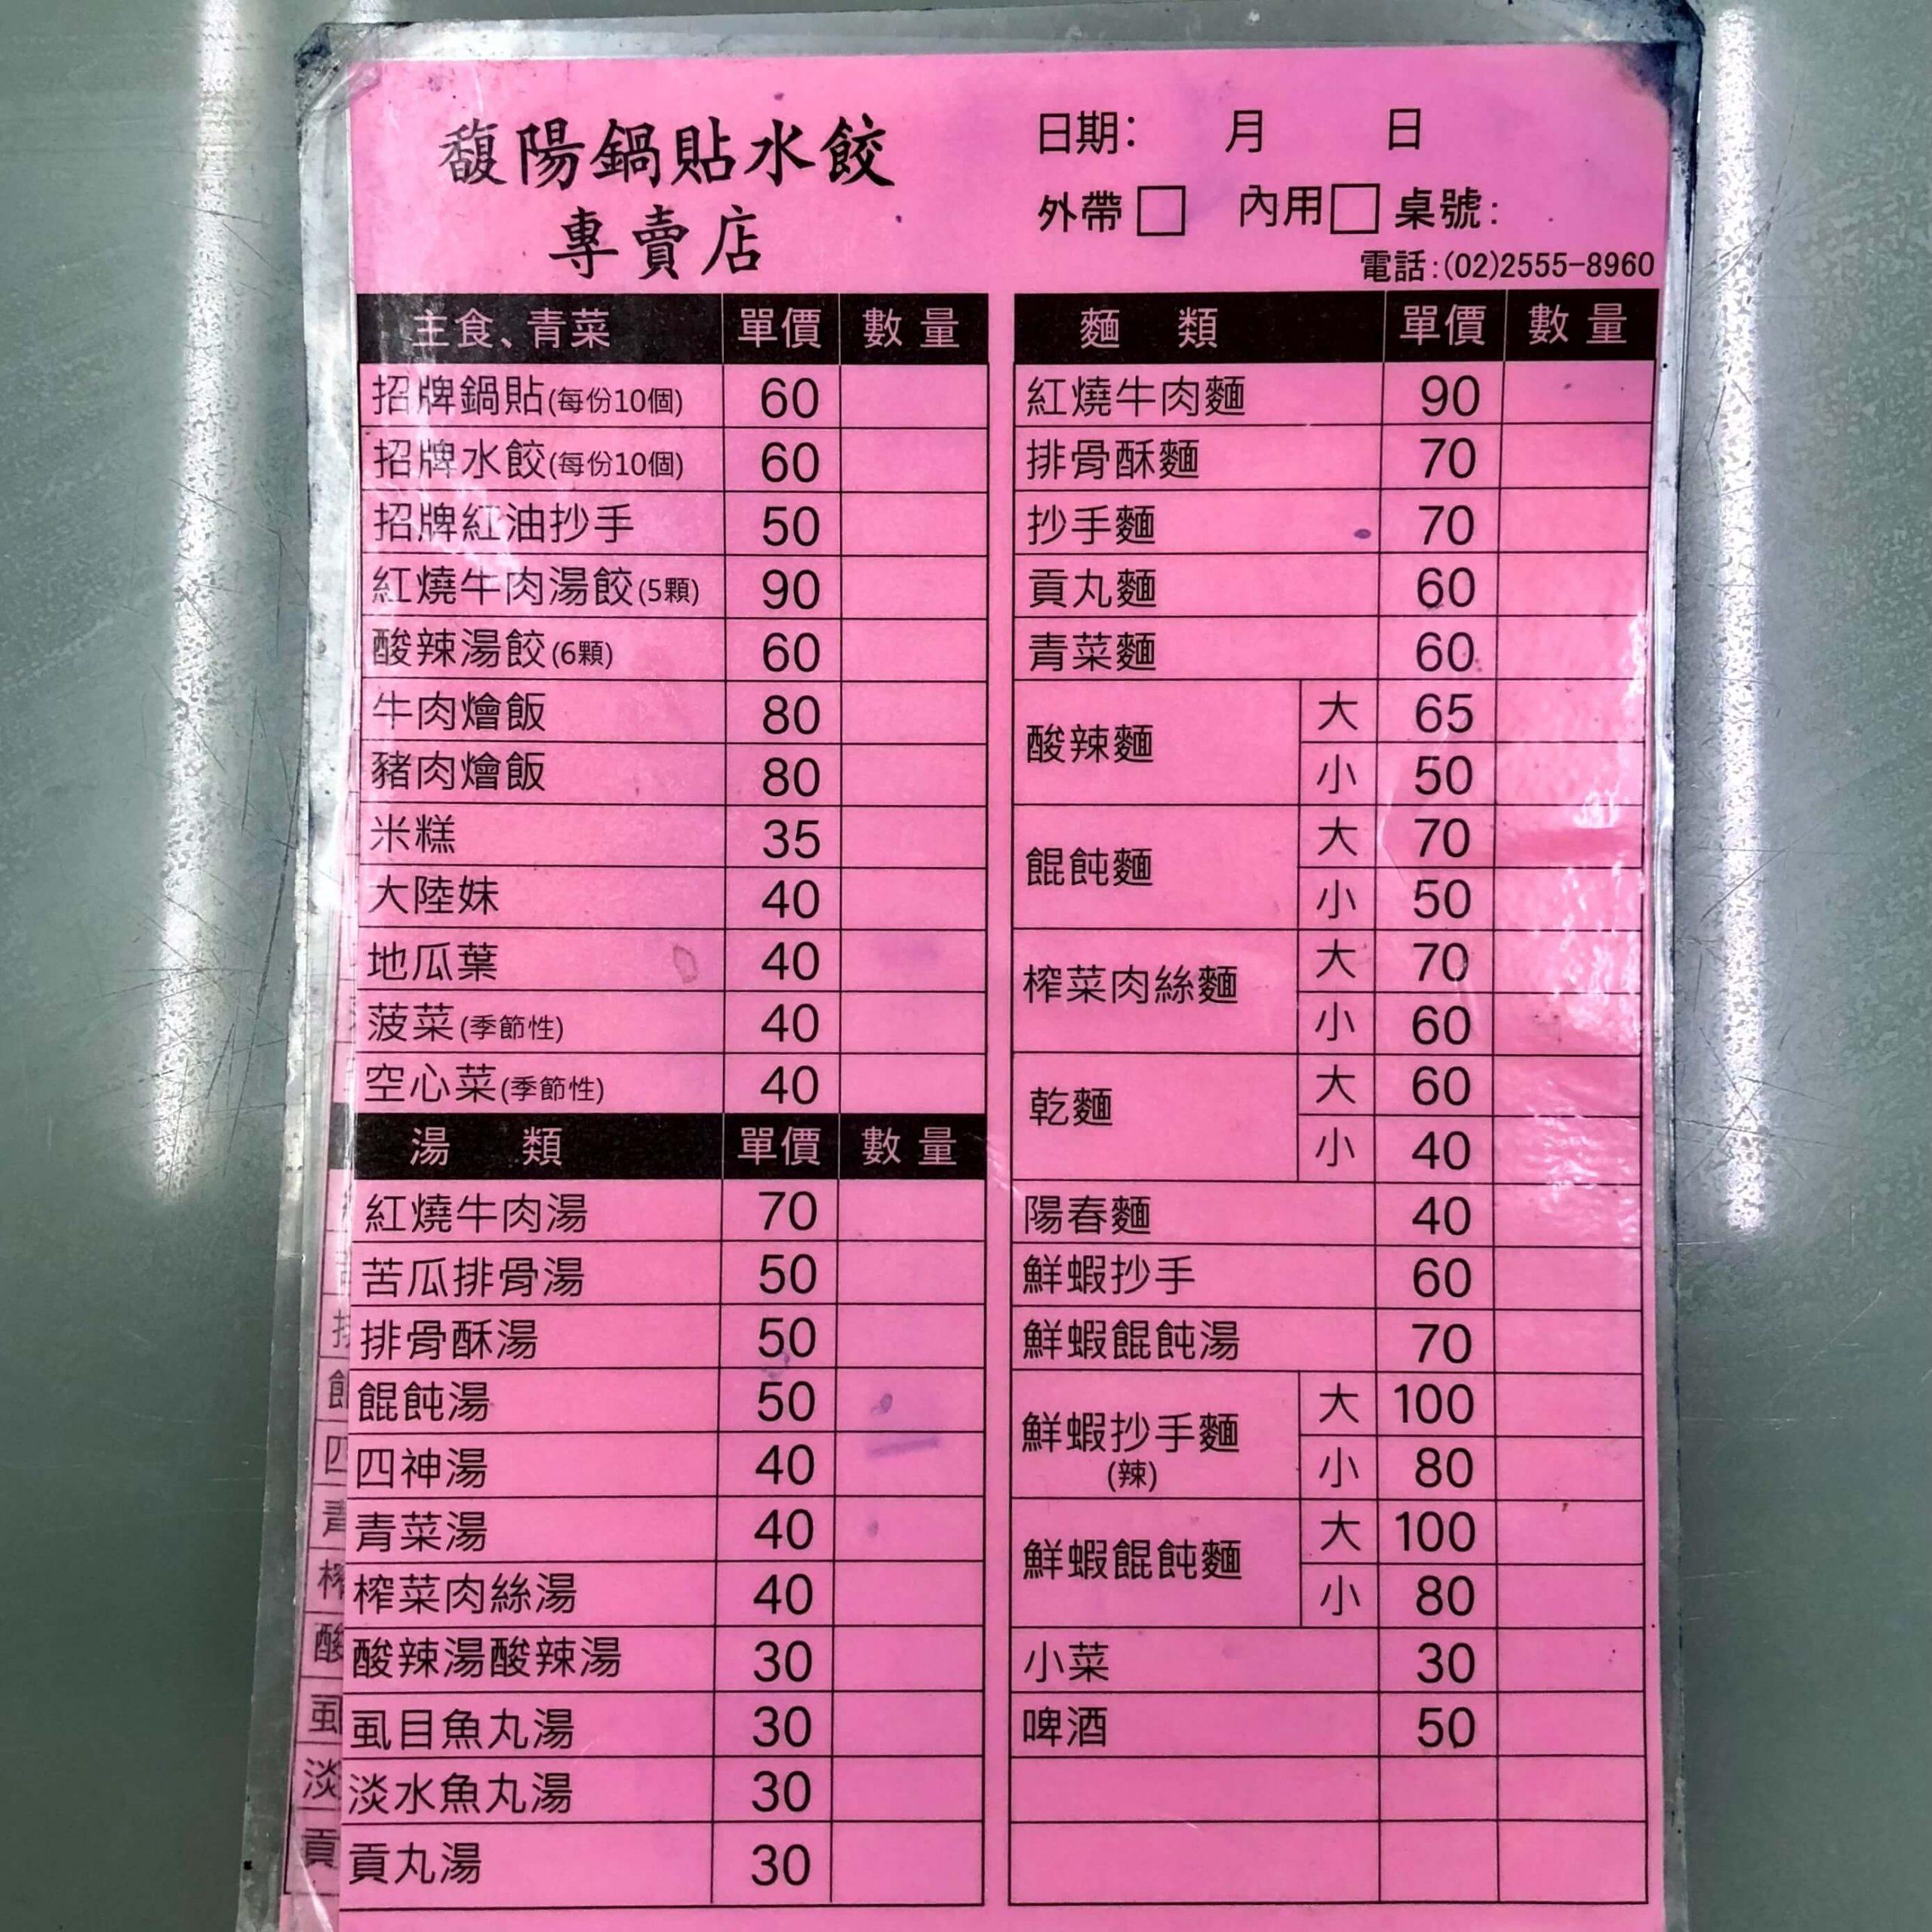 馥陽鍋貼水餃專賣店菜單MENU